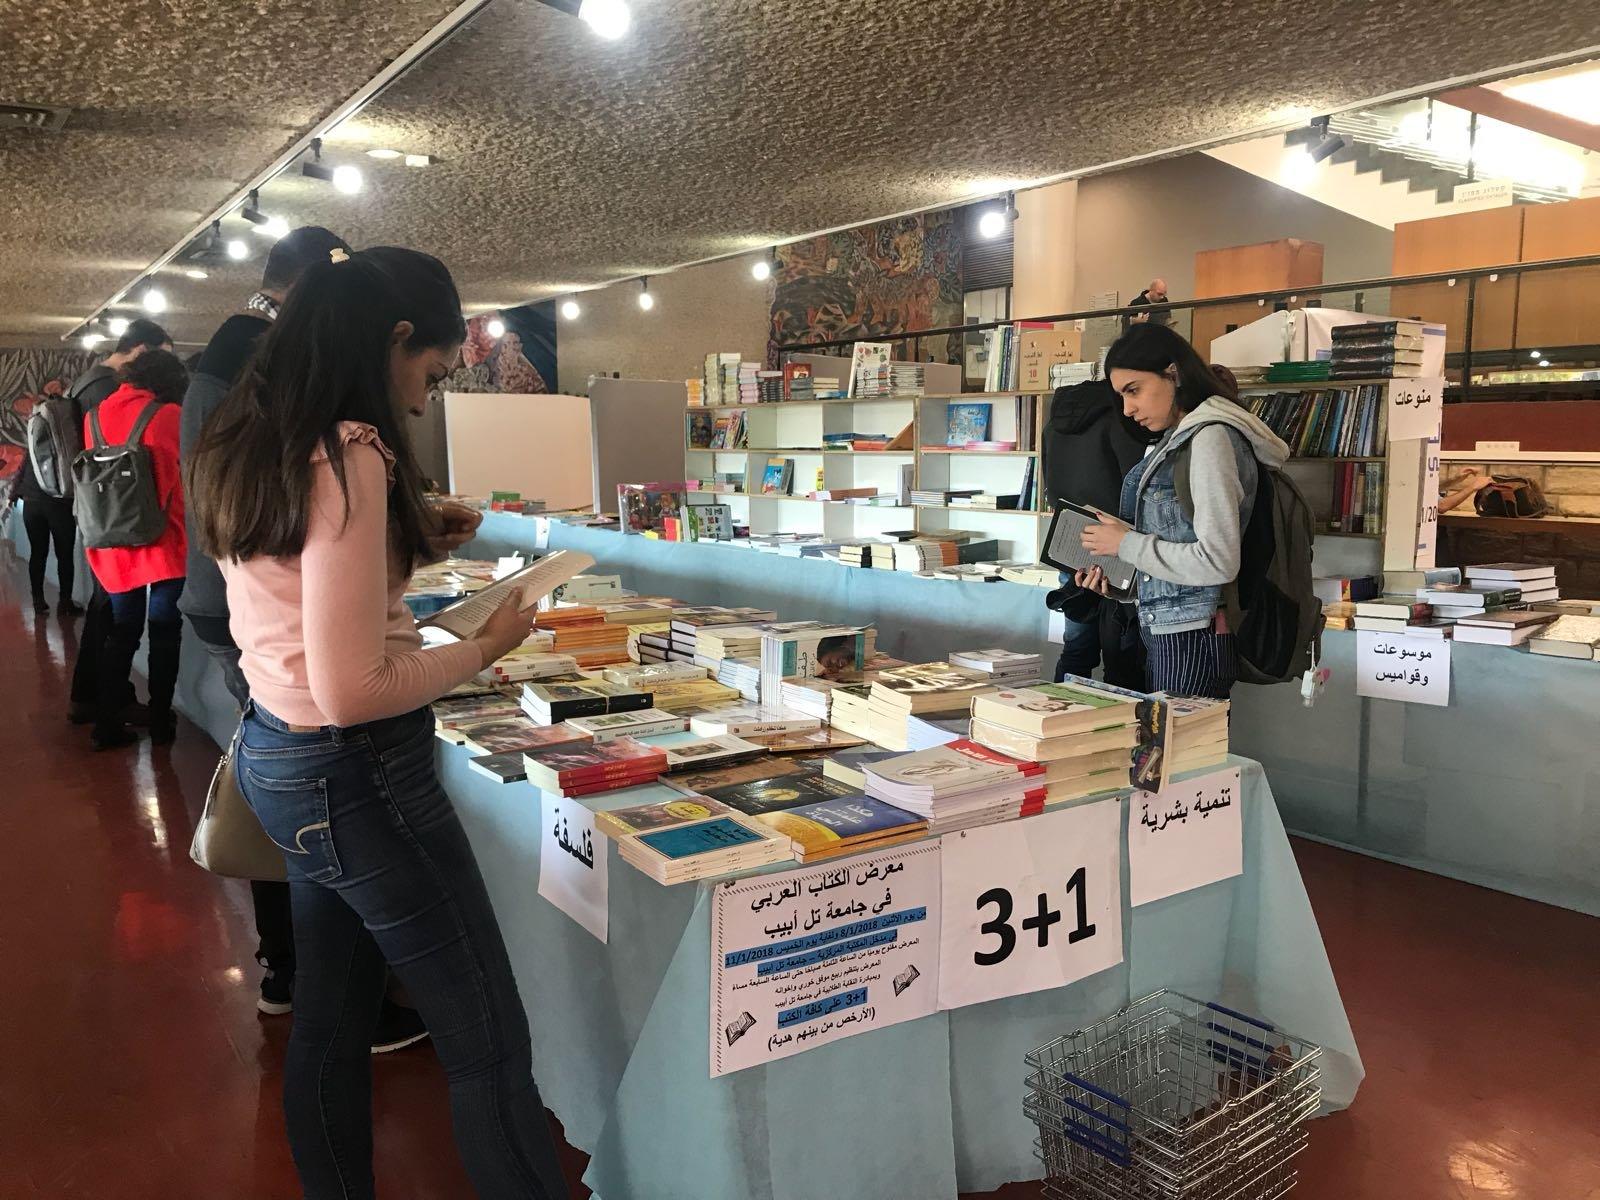 افتتاح اضخم معرض للكتاب في جامعة تل ابيب, مستمر حتى الخميس 11.1.18 .